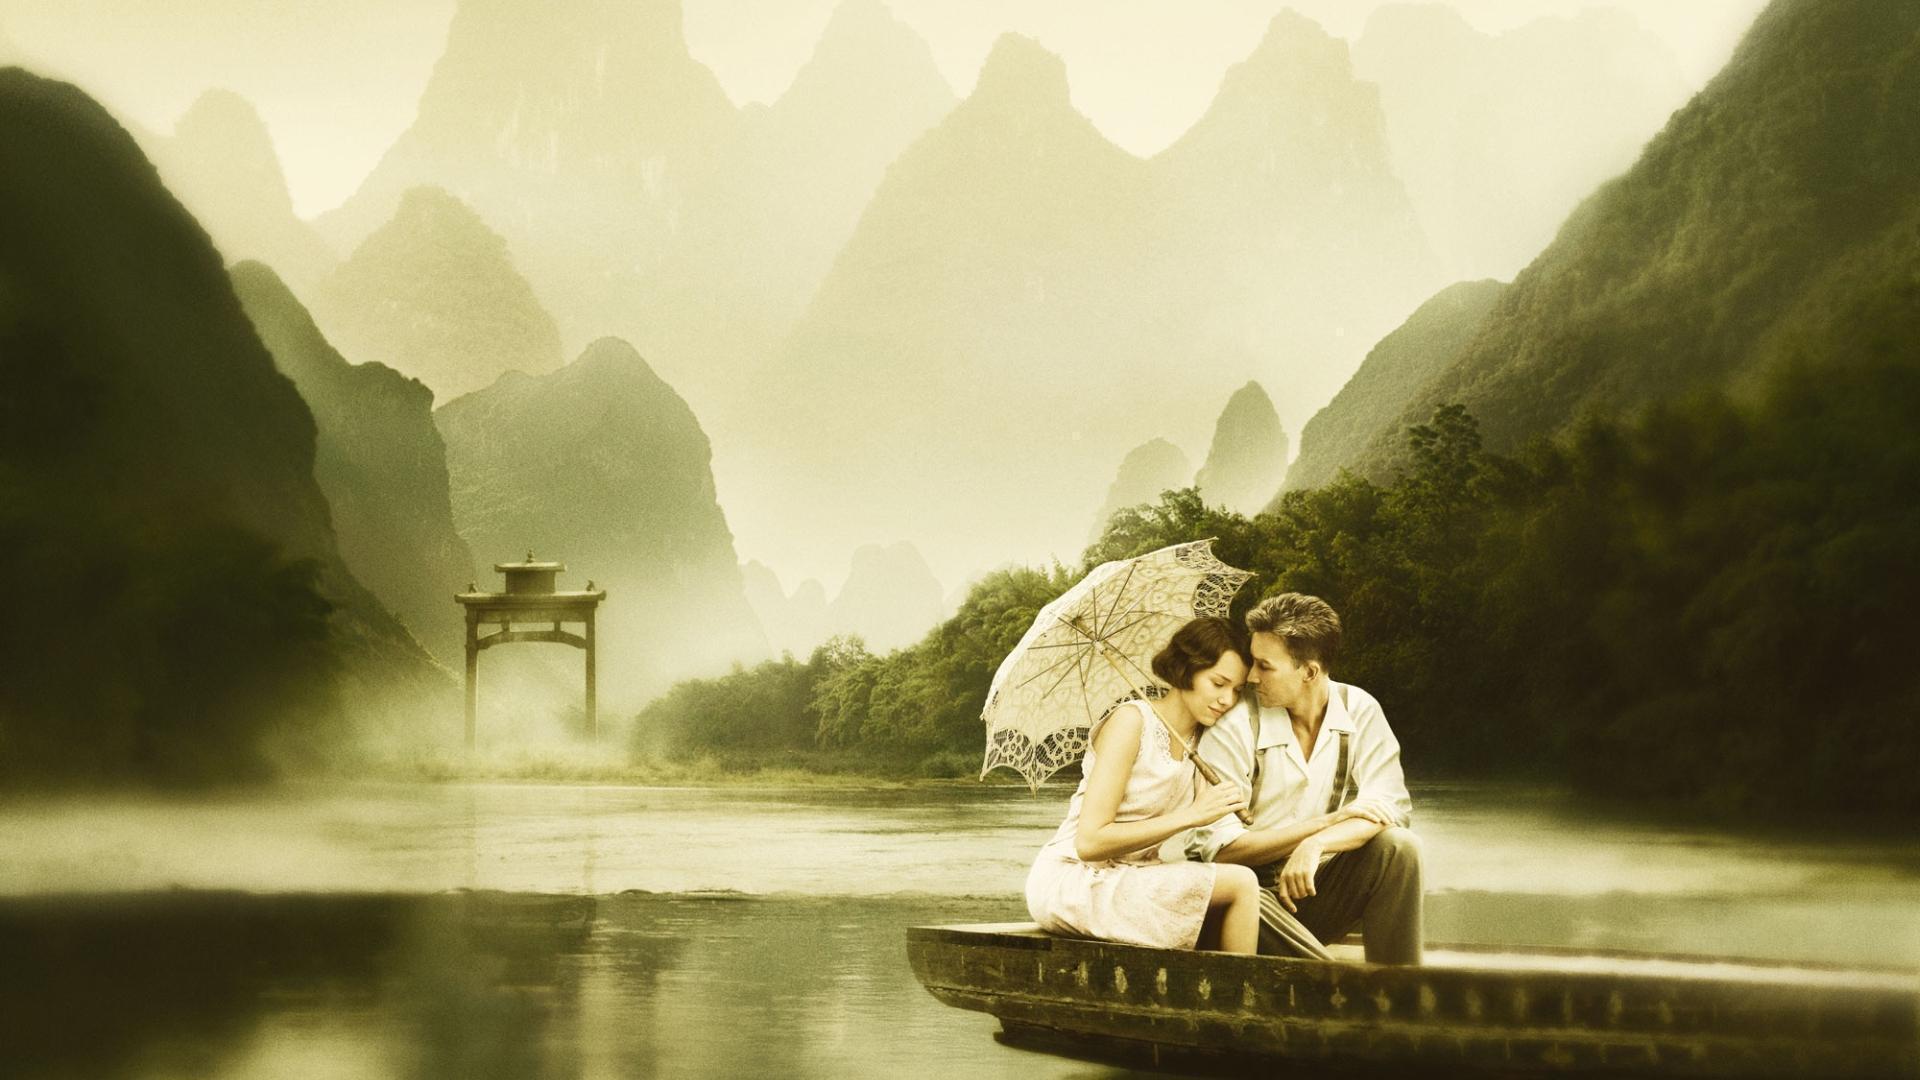 بالصور صور حب من غير كلام , بوستات حب ورومانسية بدون كلمات 4886 9